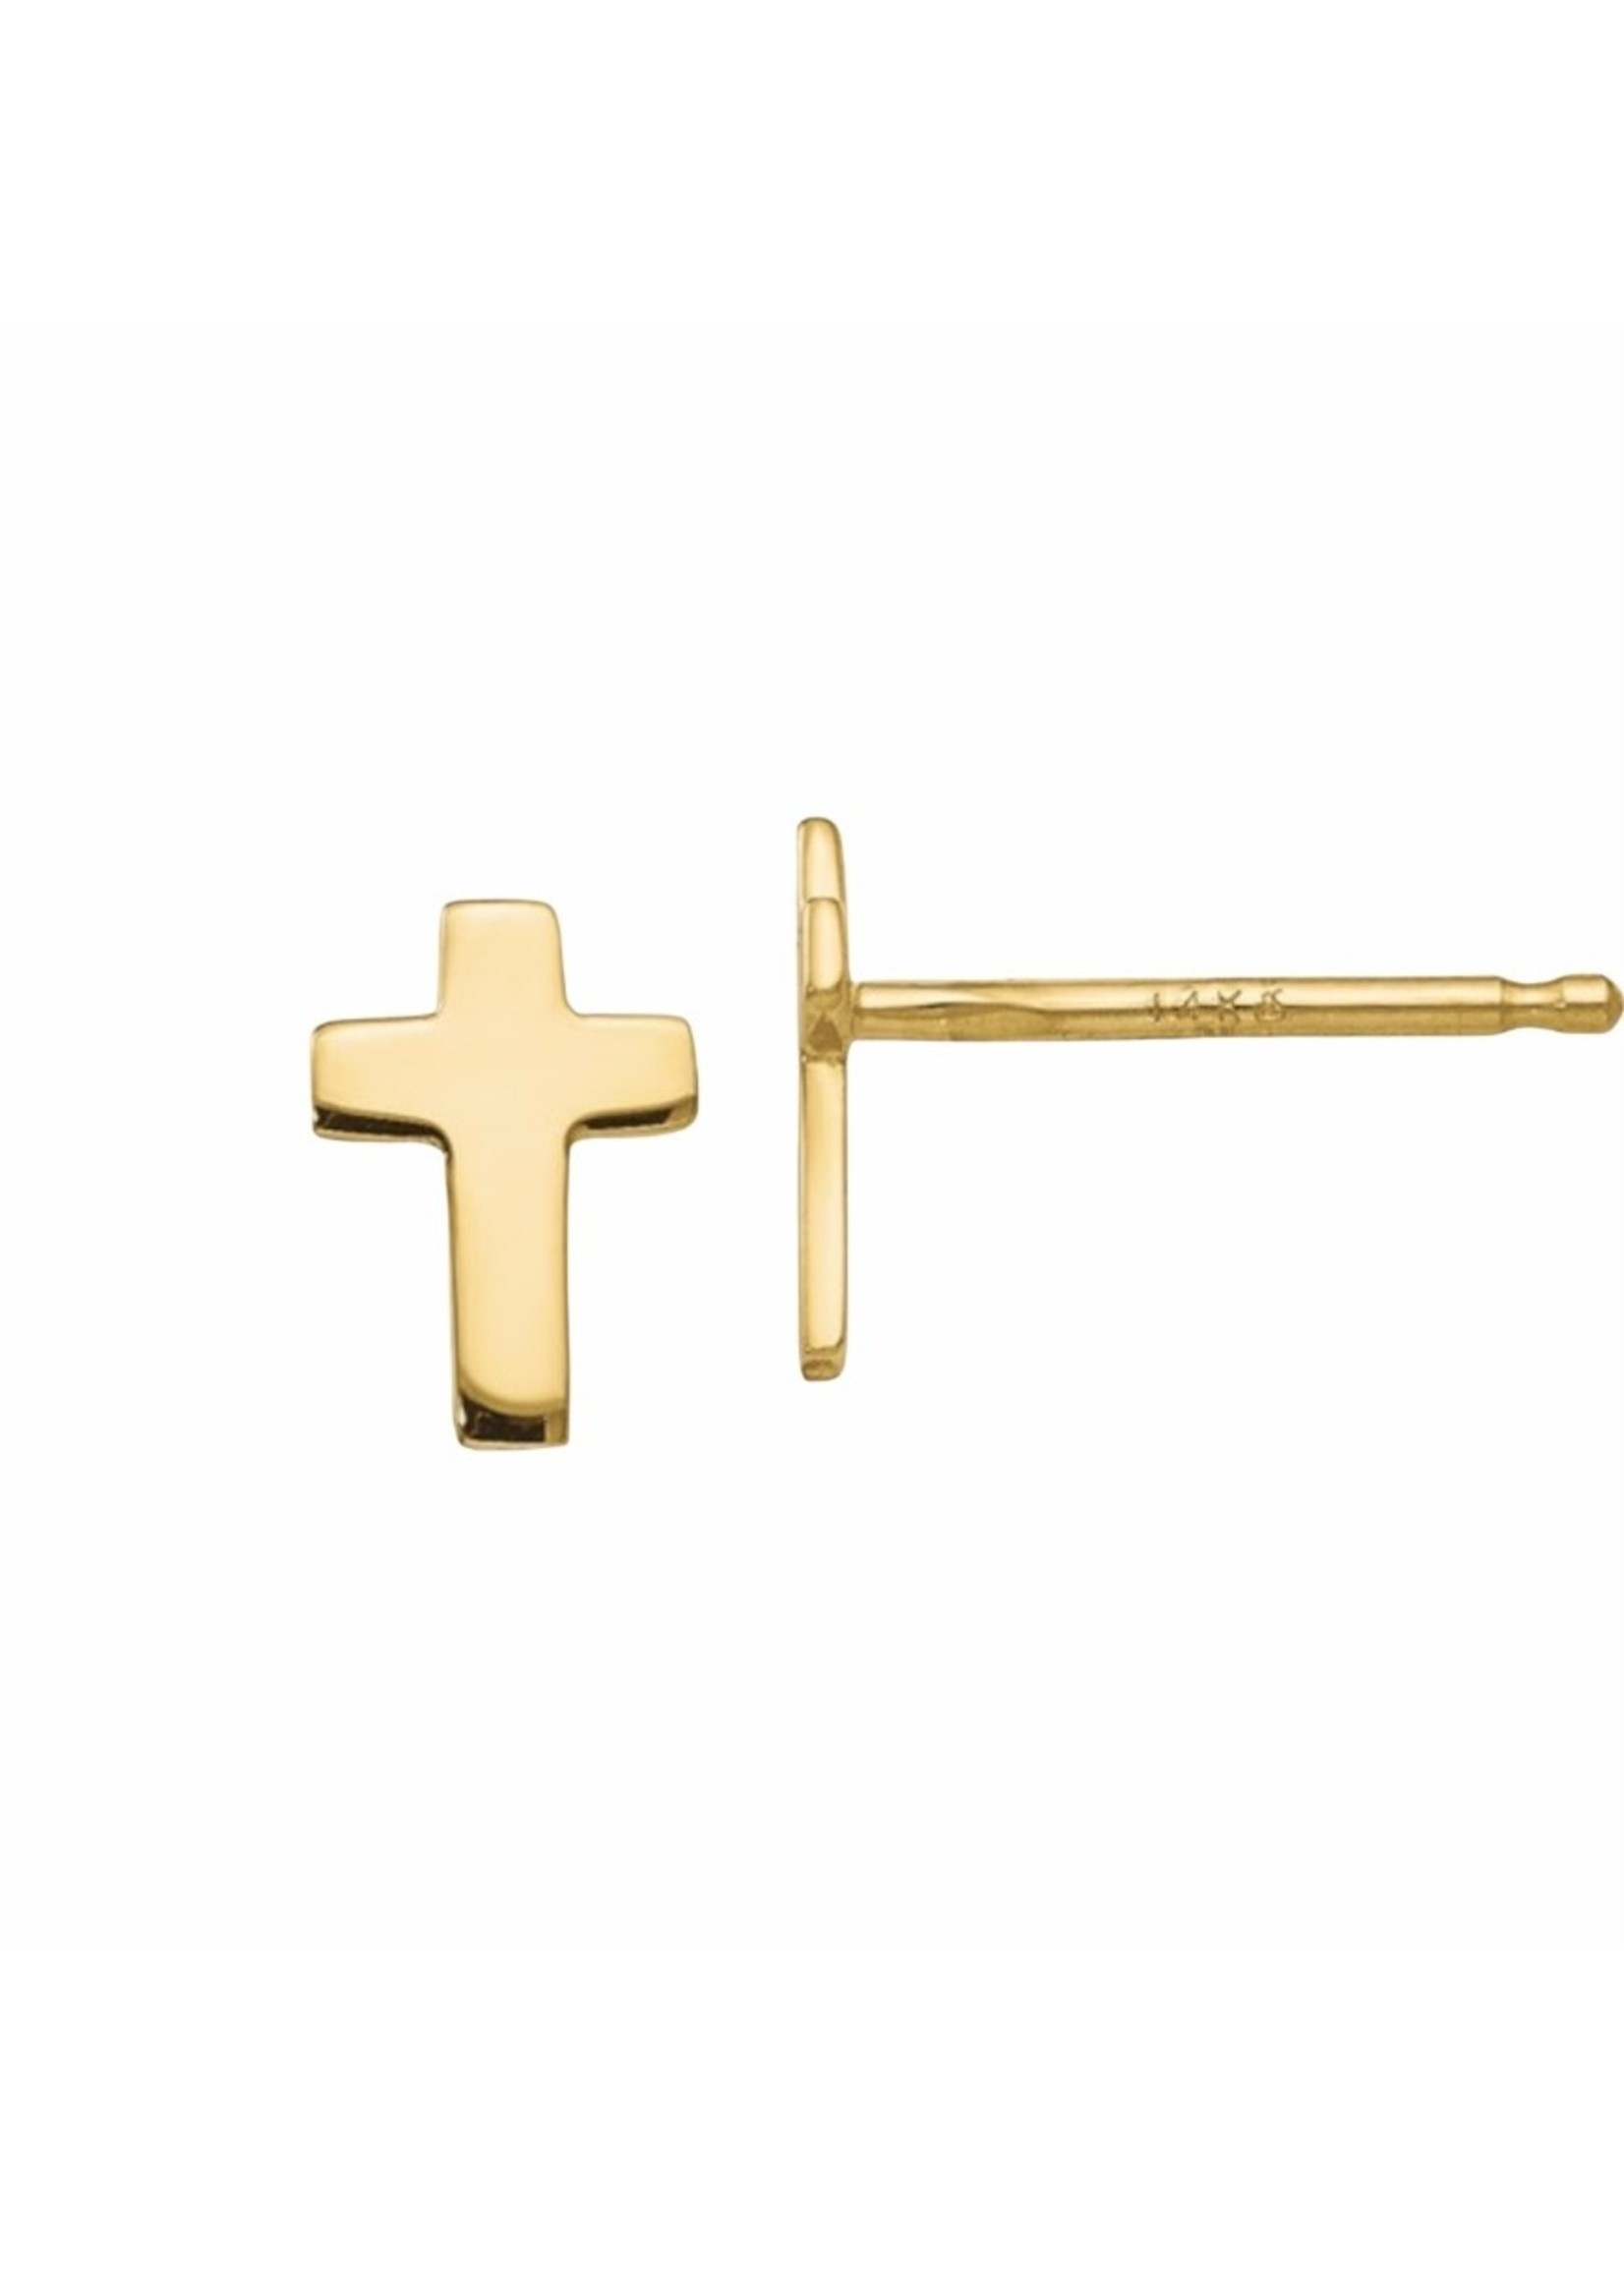 Jill Alberts Cross Stud Earrings